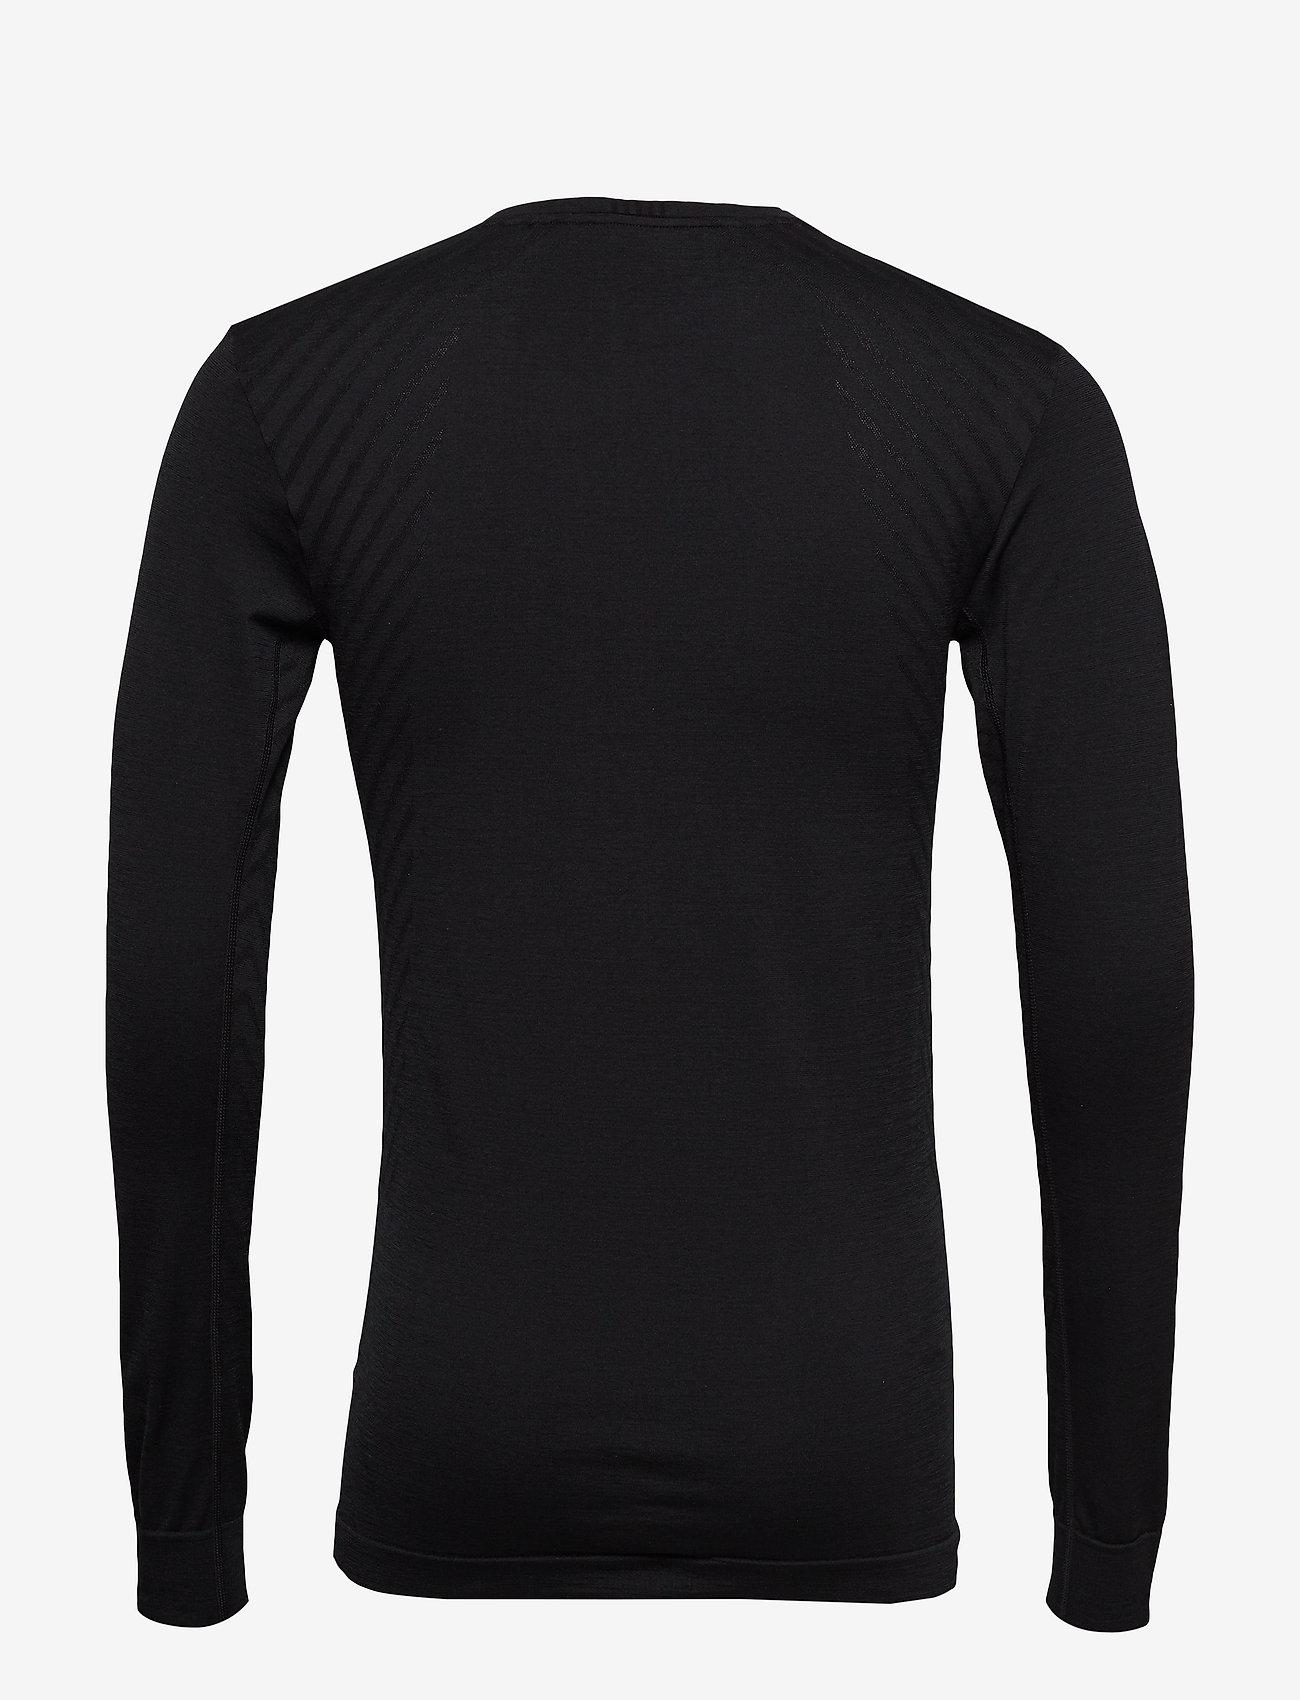 Craft - FUSEKNIT COMFORT RN LS  - langarmshirts - black - 1